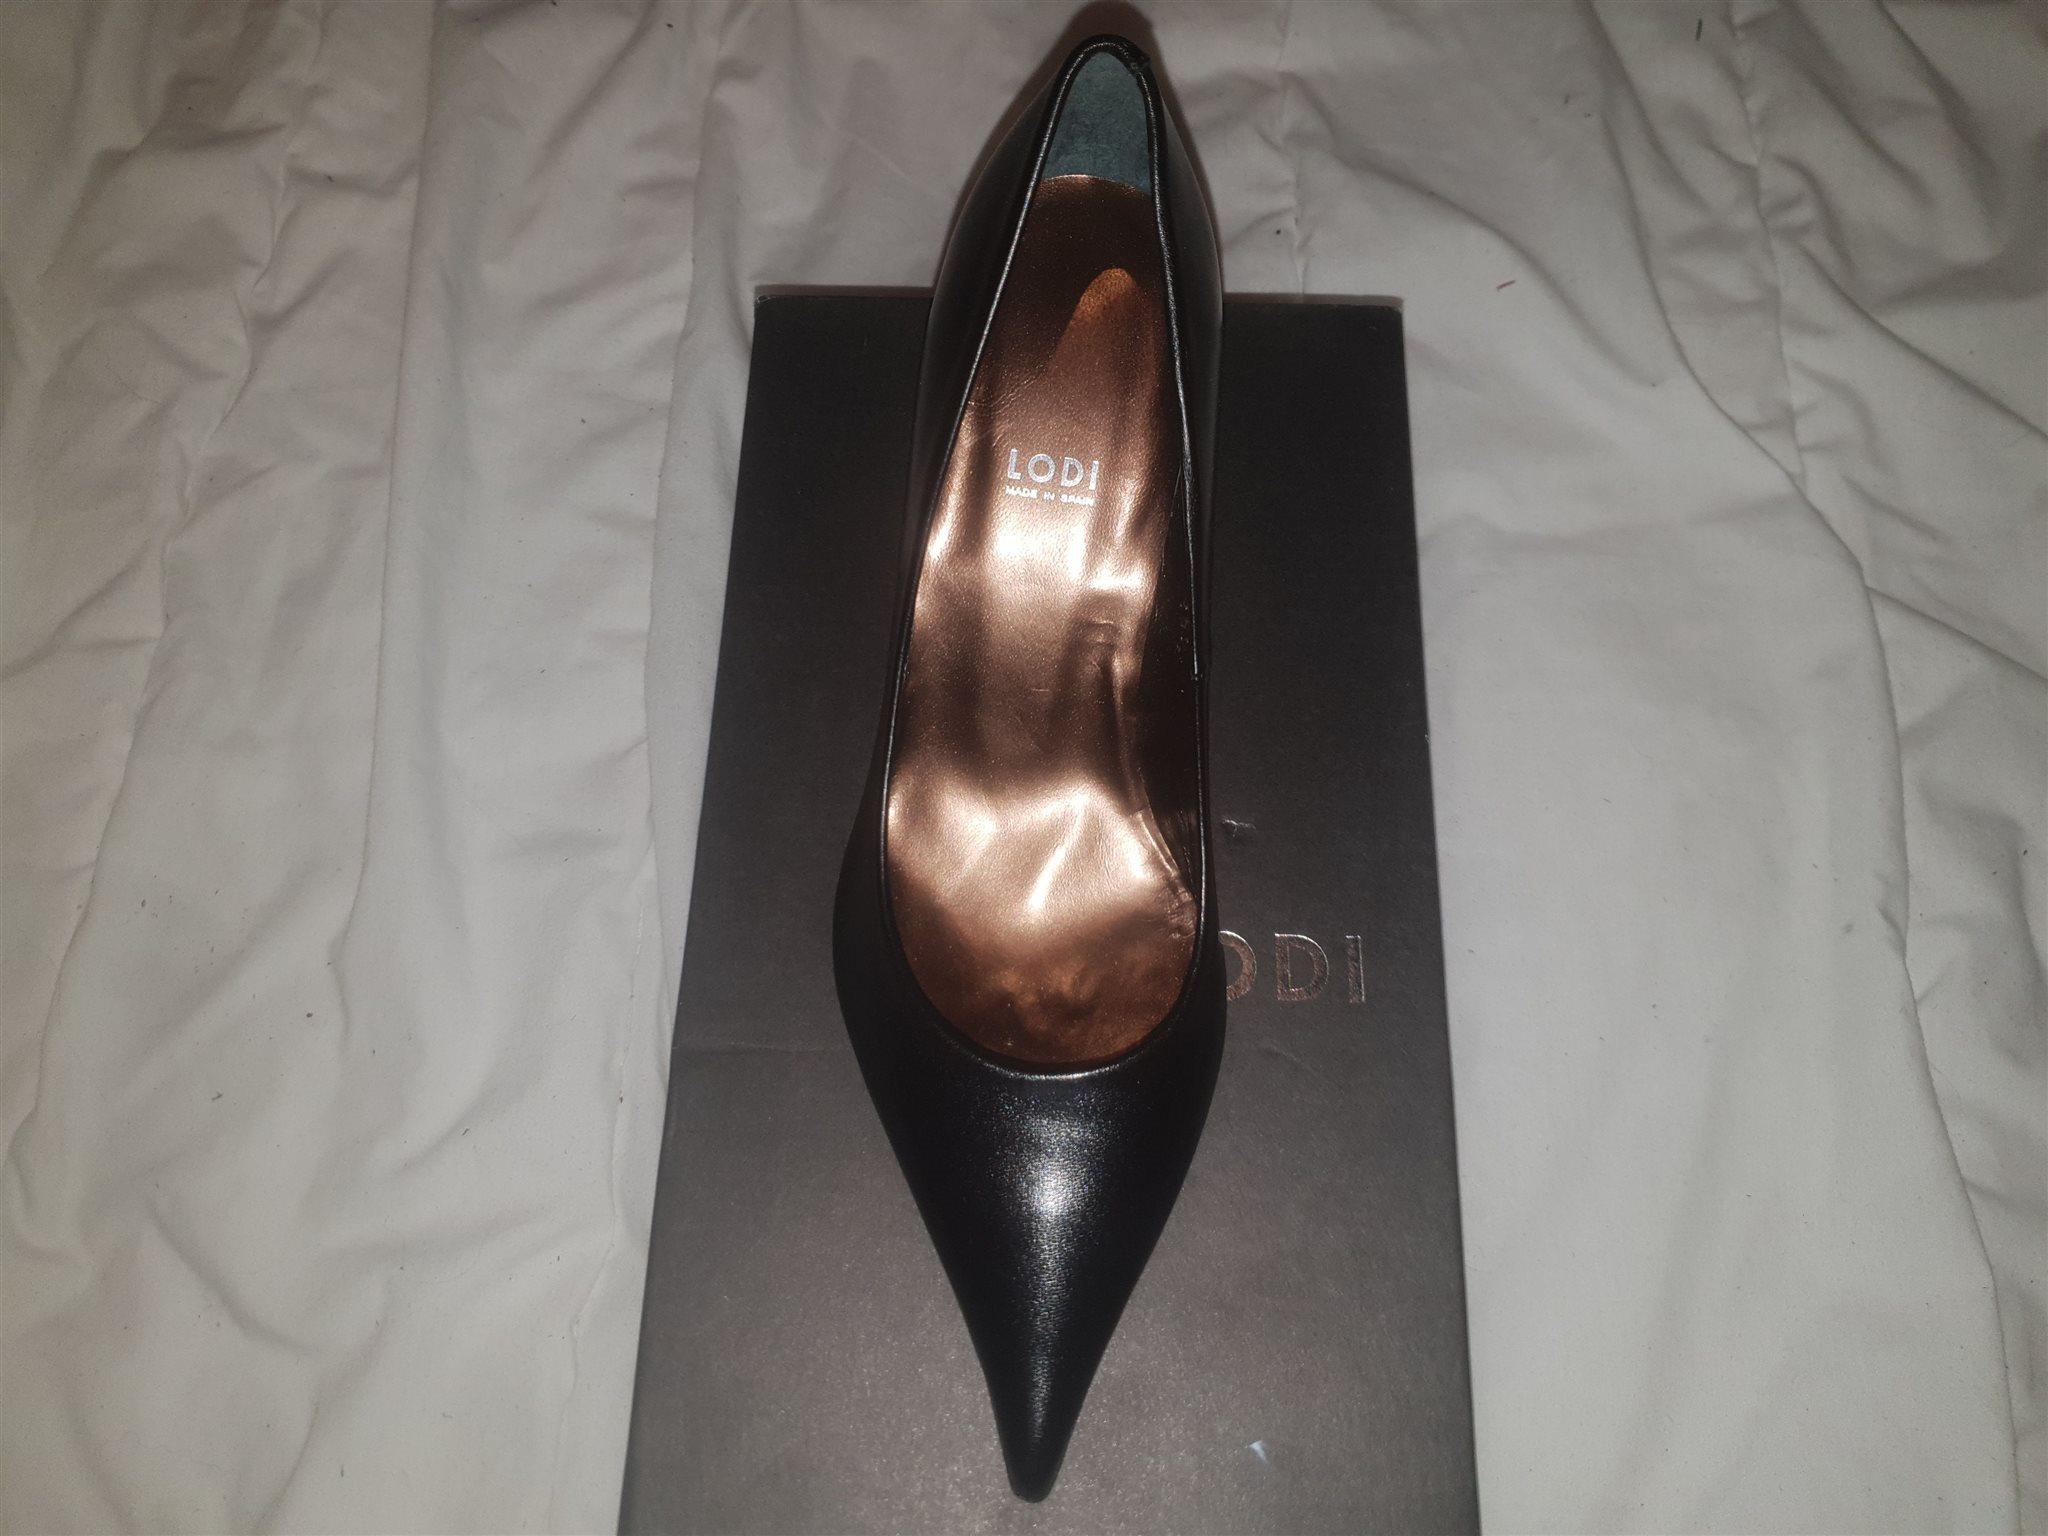 Nya snygga högklackade skor från Lofi, storlek 35 (338837485